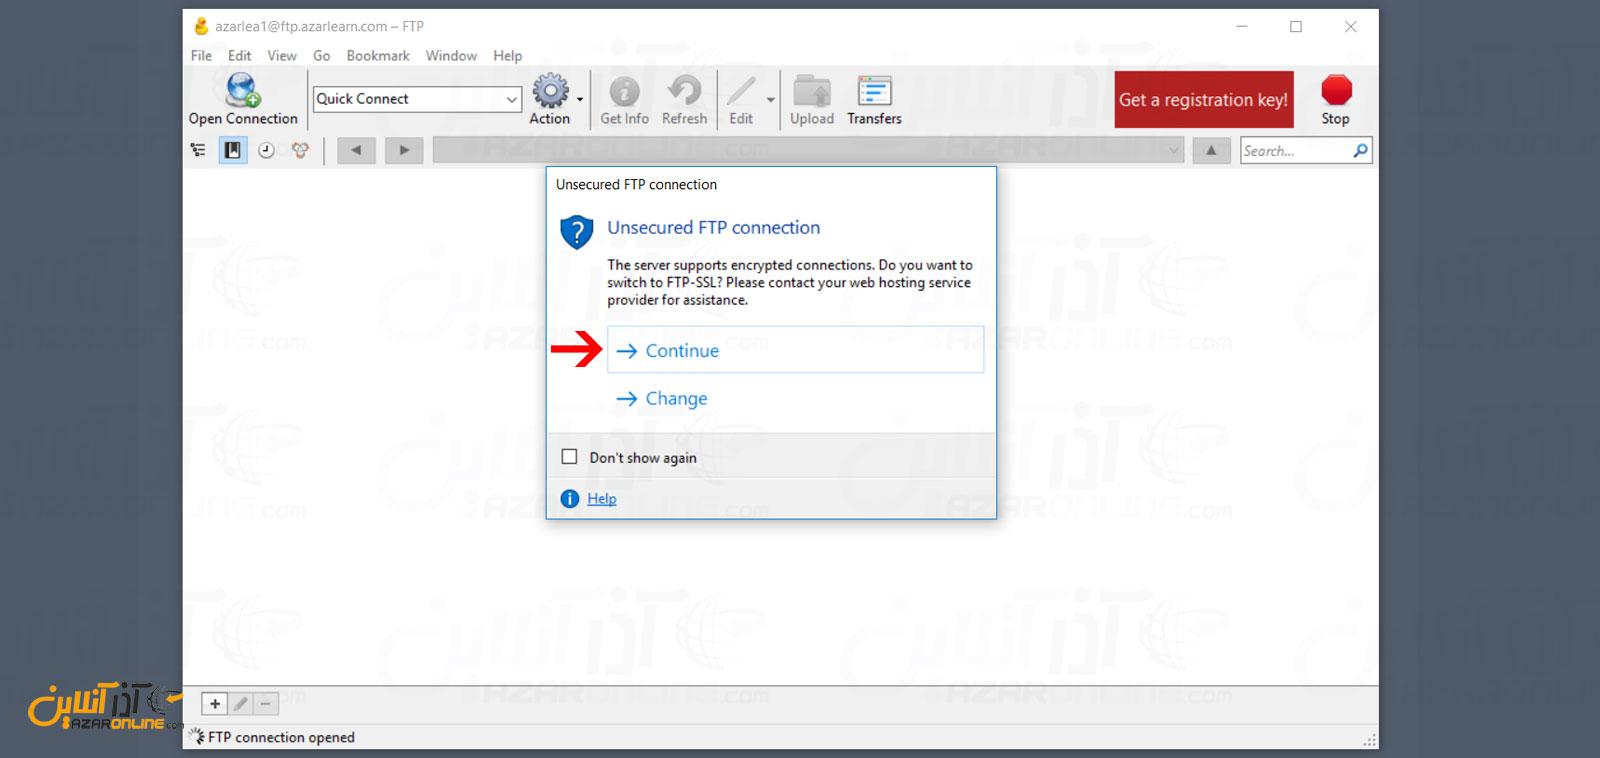 اجازه اتصال با پروتکل FTP بدون رمزنگاری